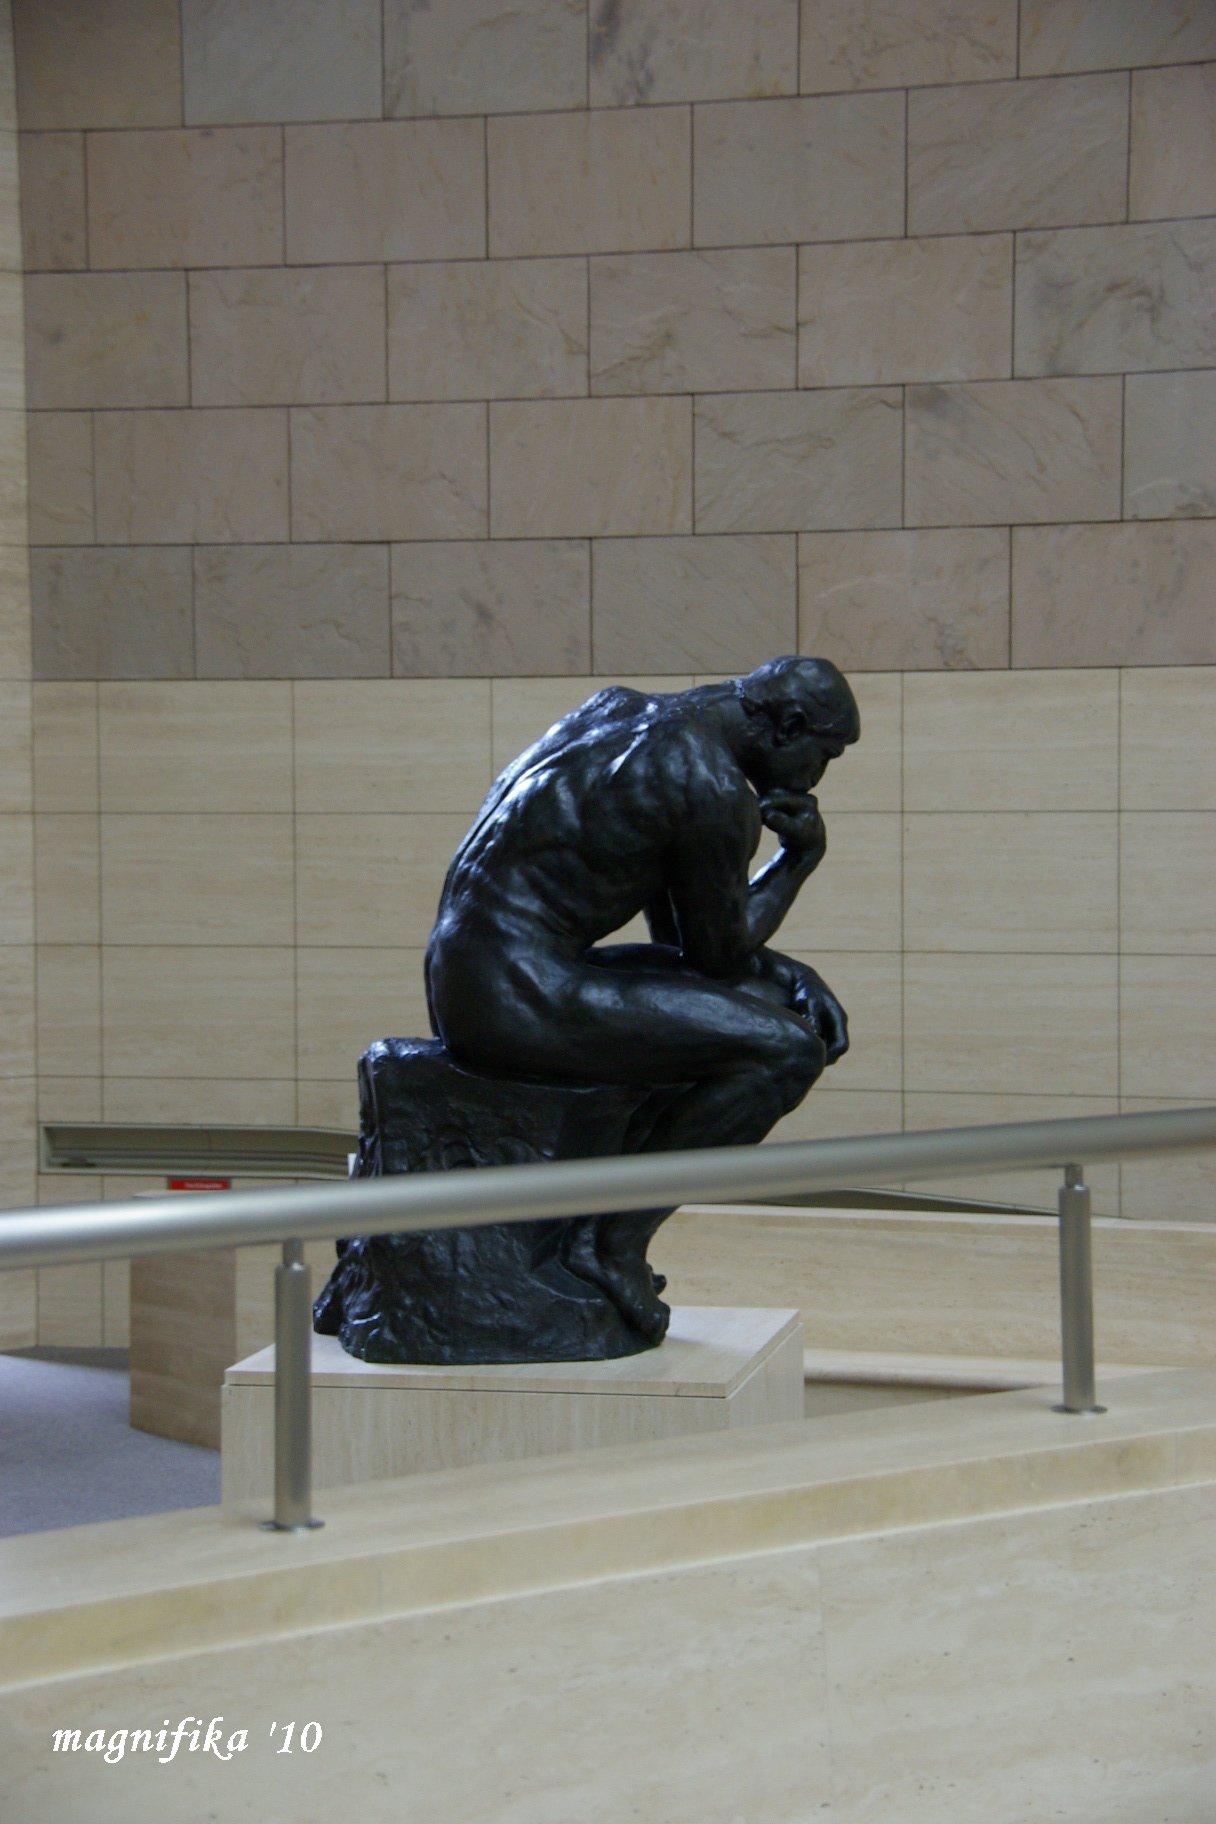 静岡県立美術館 ロダン館-1 Rodin Wing of Shizuoka Pref. Museum of Art_e0140365_2050417.jpg